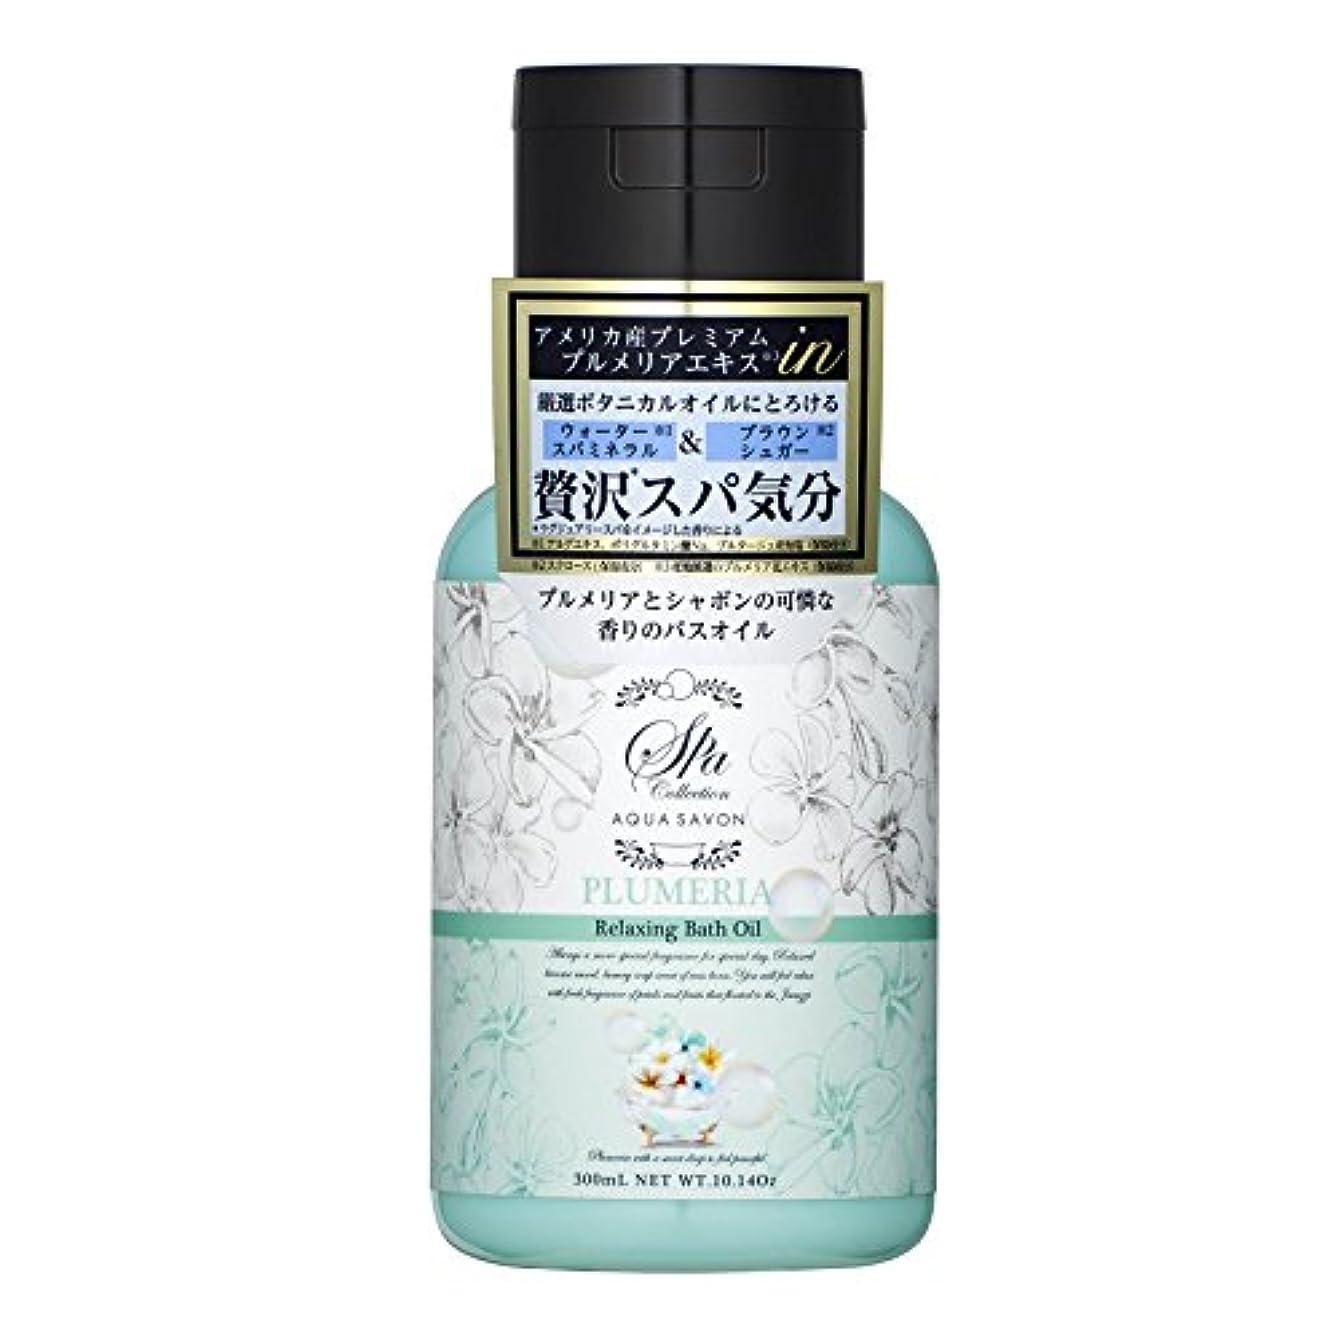 電気年覚醒アクアシャボン スパコレクション リラクシングバスオイル プルメリアスパの香り 300mL